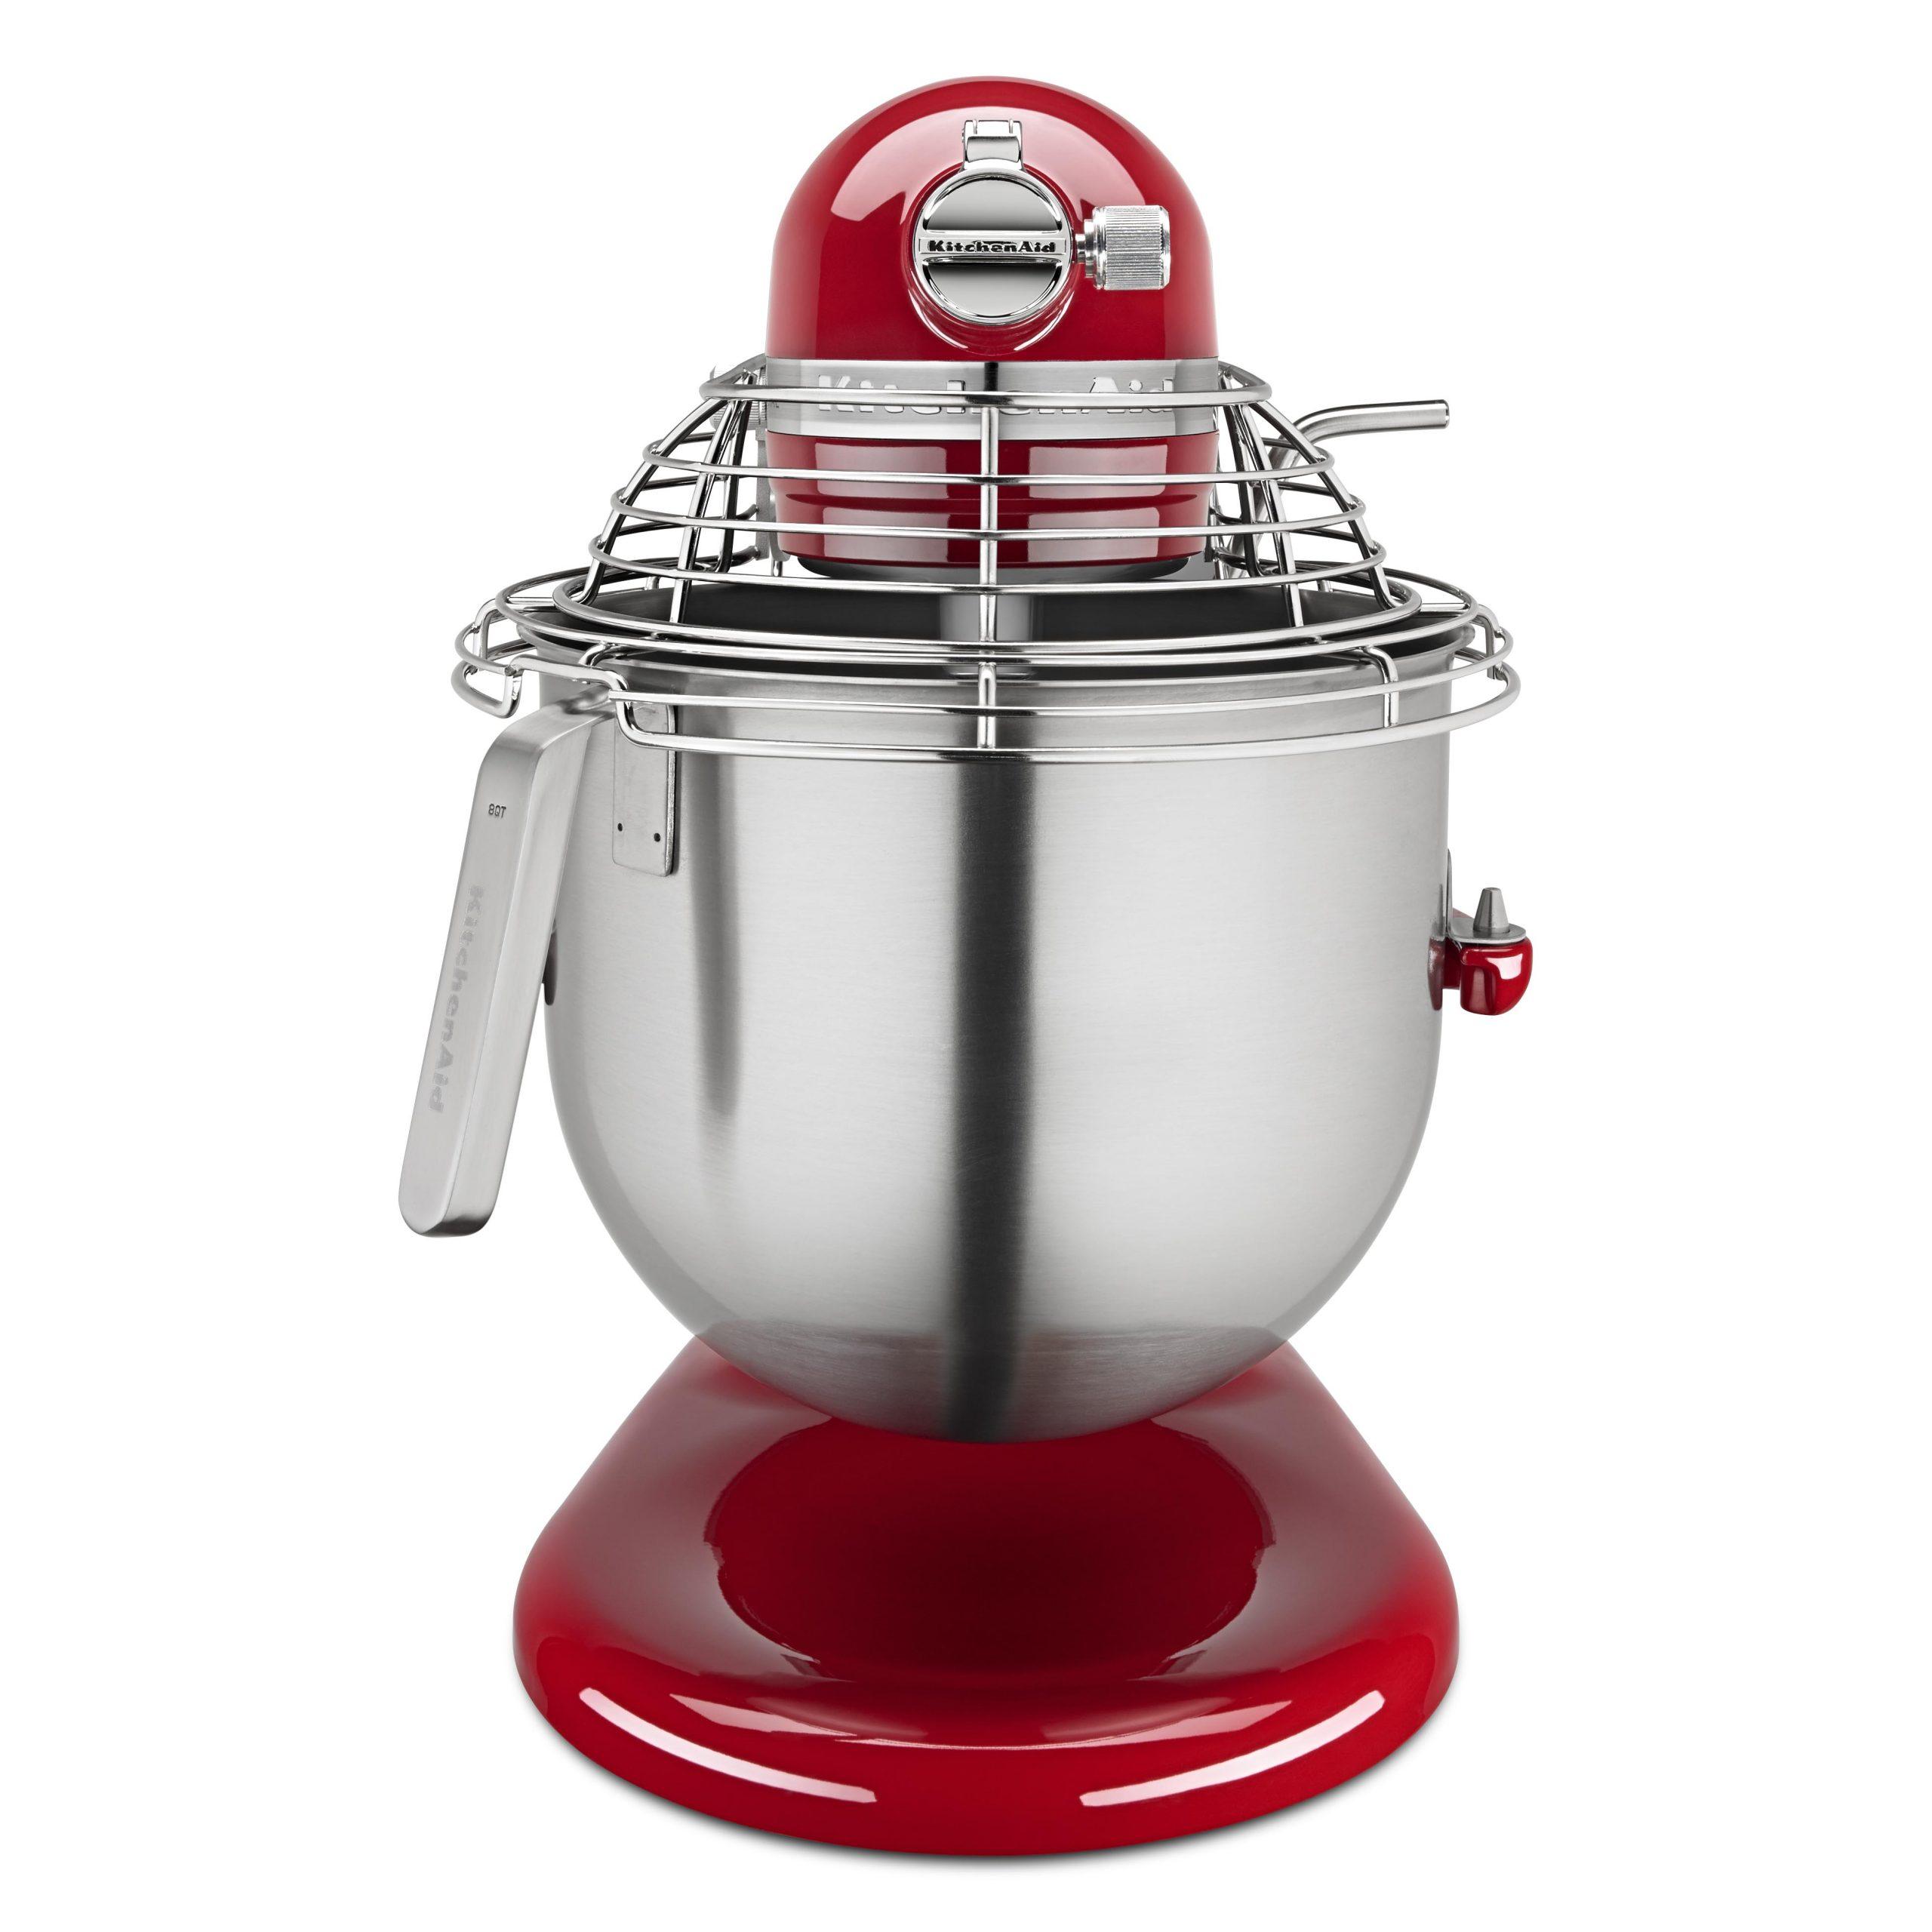 Kitchenaid Ksmc895 Commercial Bowl Lift Stand Mixer Chef